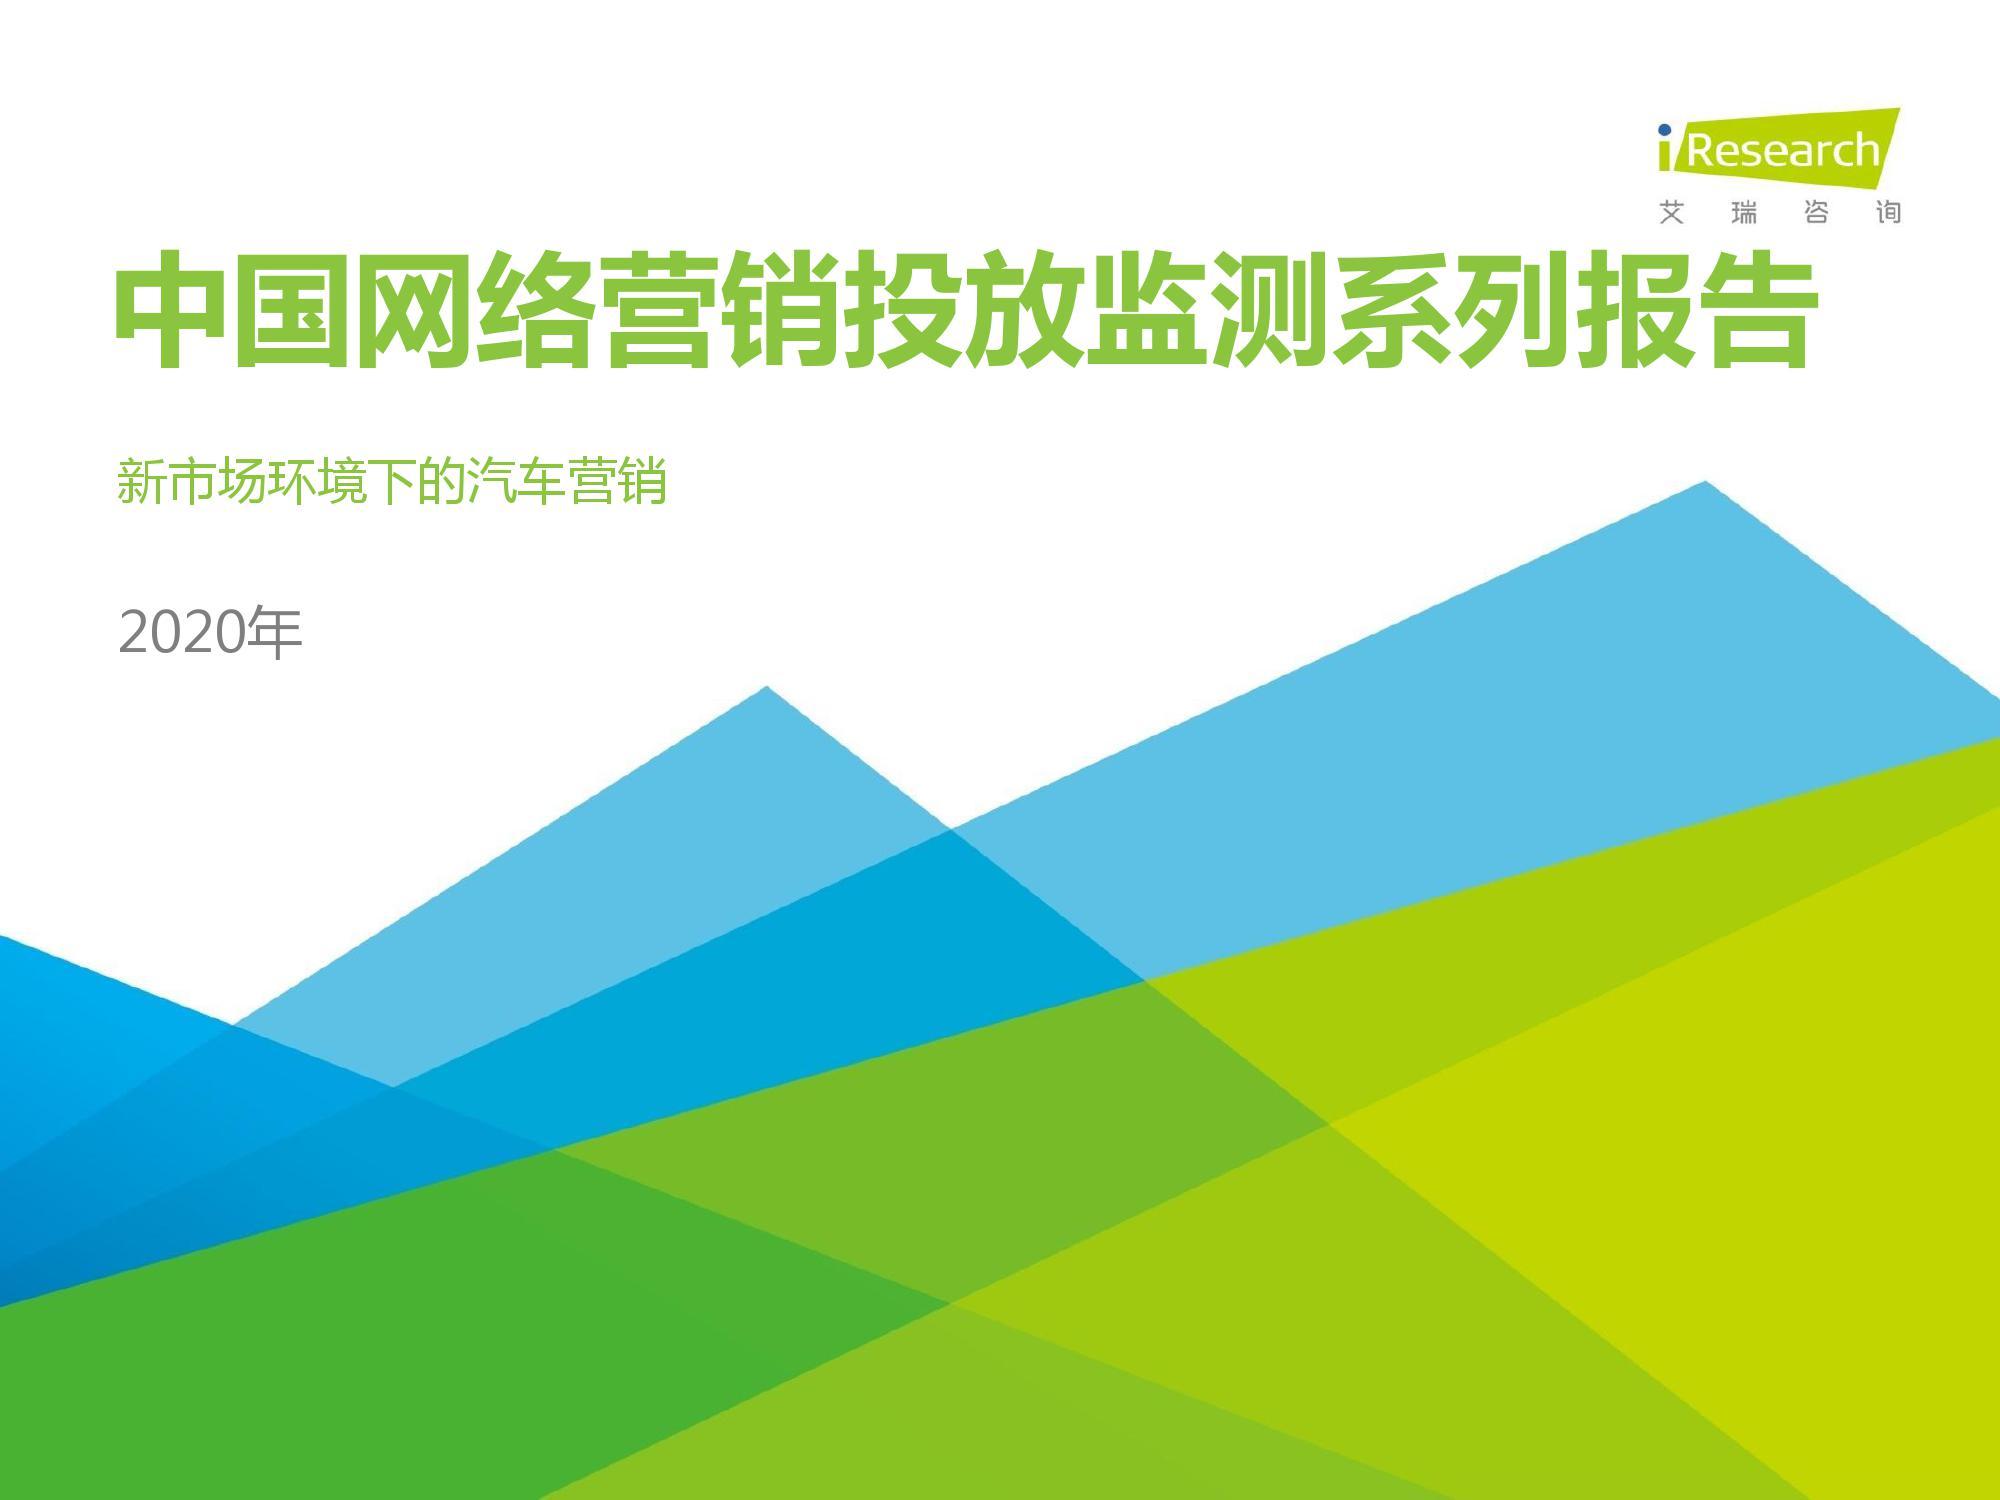 艾瑞咨询:2020年中国汽车行业网络广告监测系列报告(附下载)